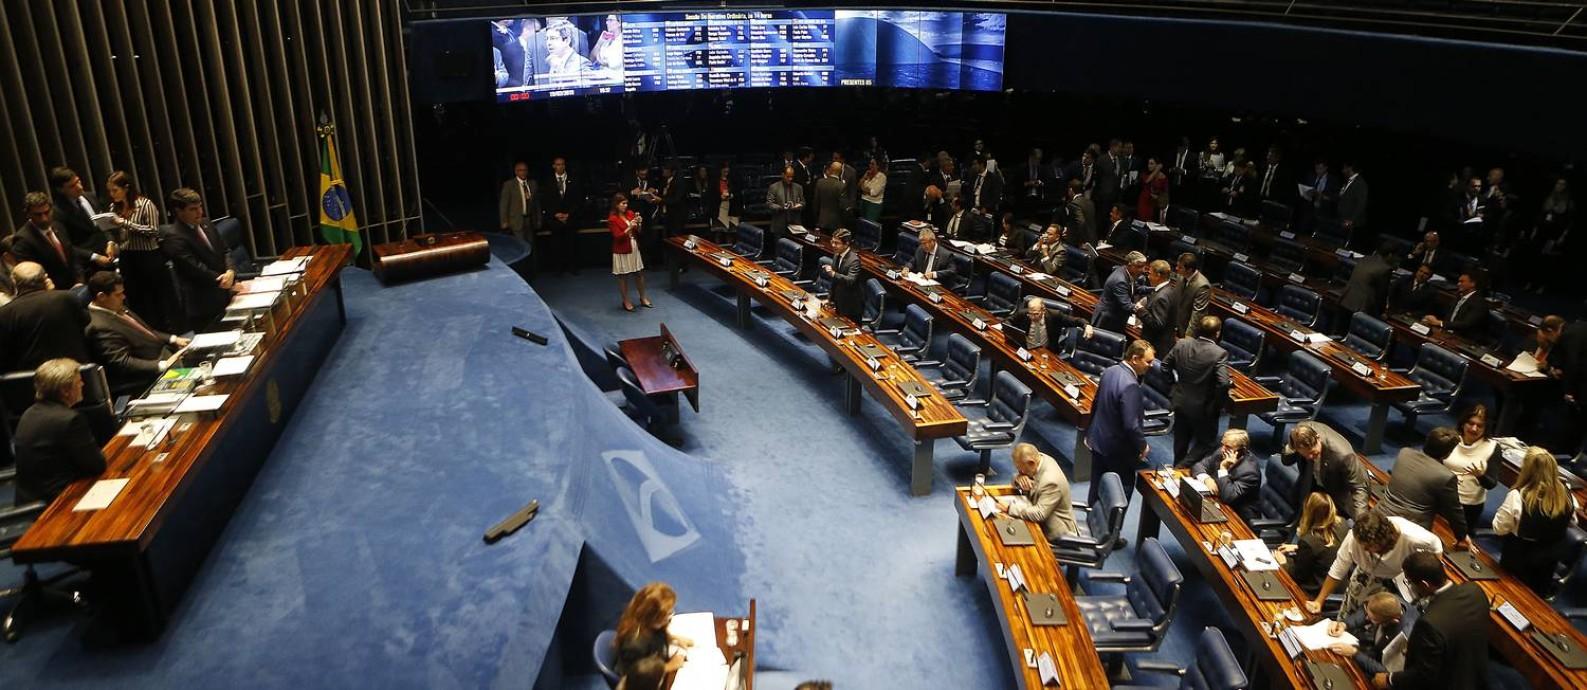 Caso alcance 20 mil apoios, ideia será enviada ao Senado Foto: Jorge William / Agência O Globo